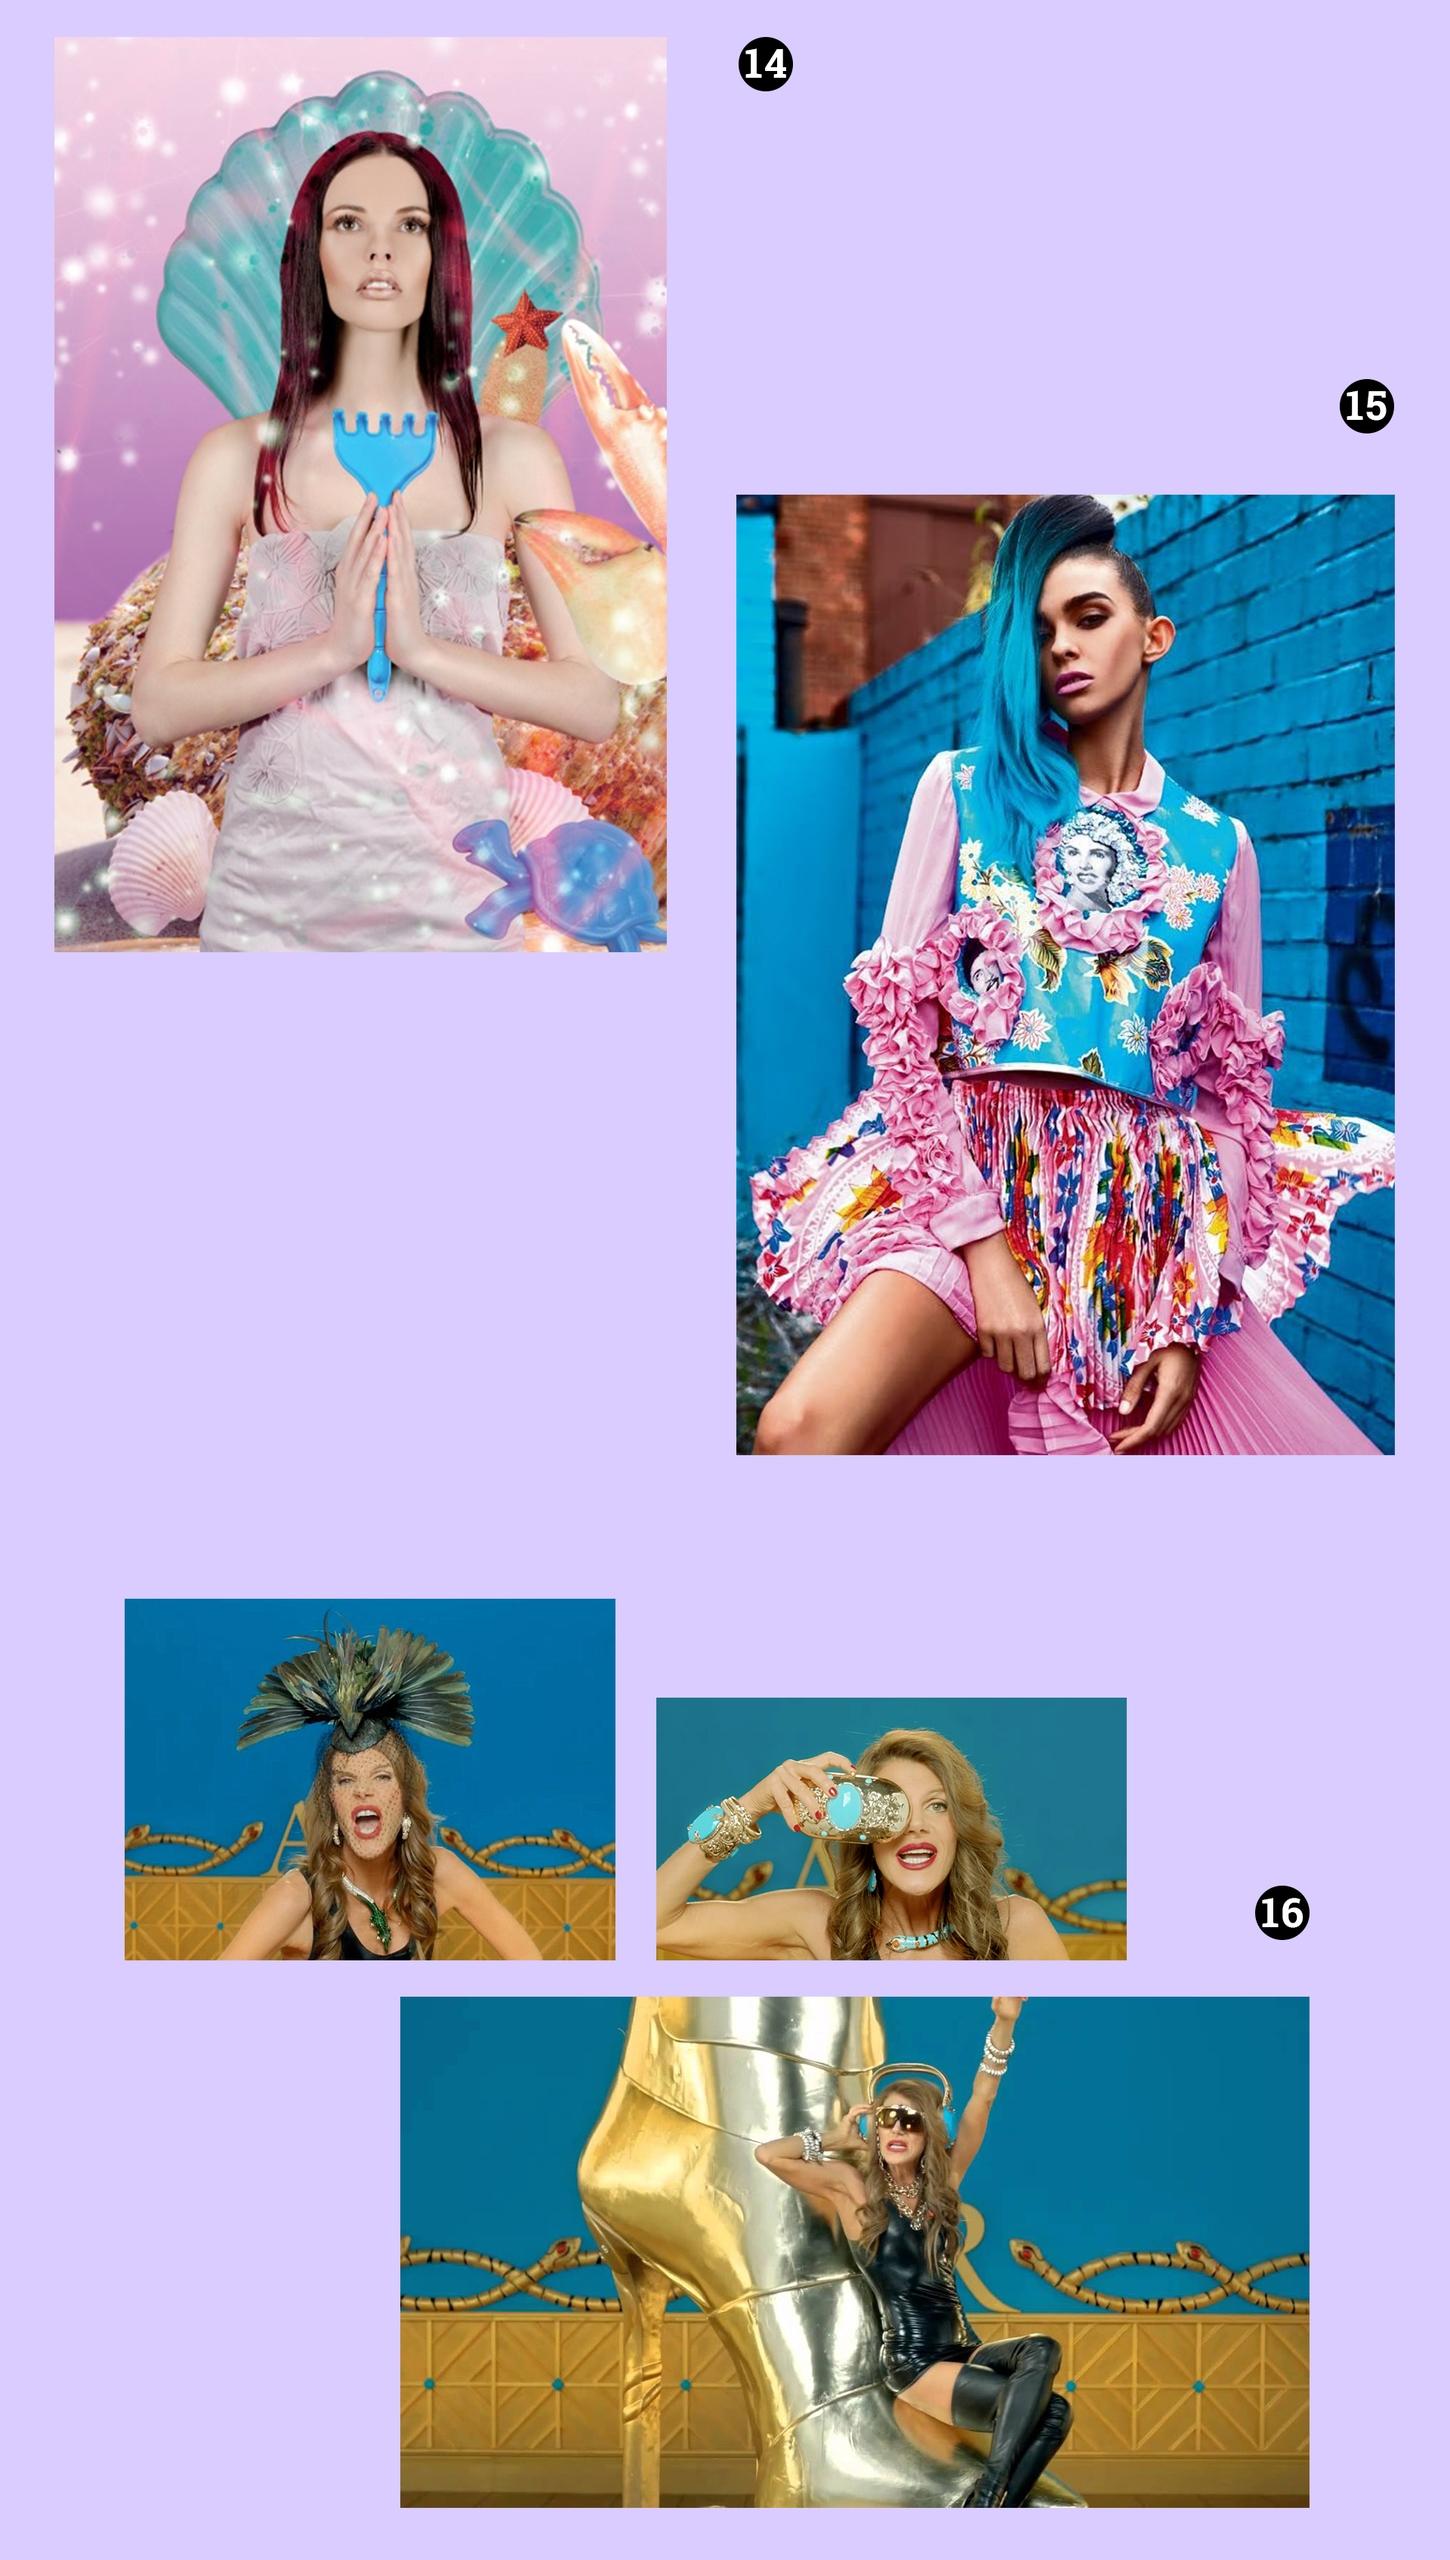 Obraz przedstawia pięć zdjęć na fioletowym tle. Widzimy postaci kobiece.